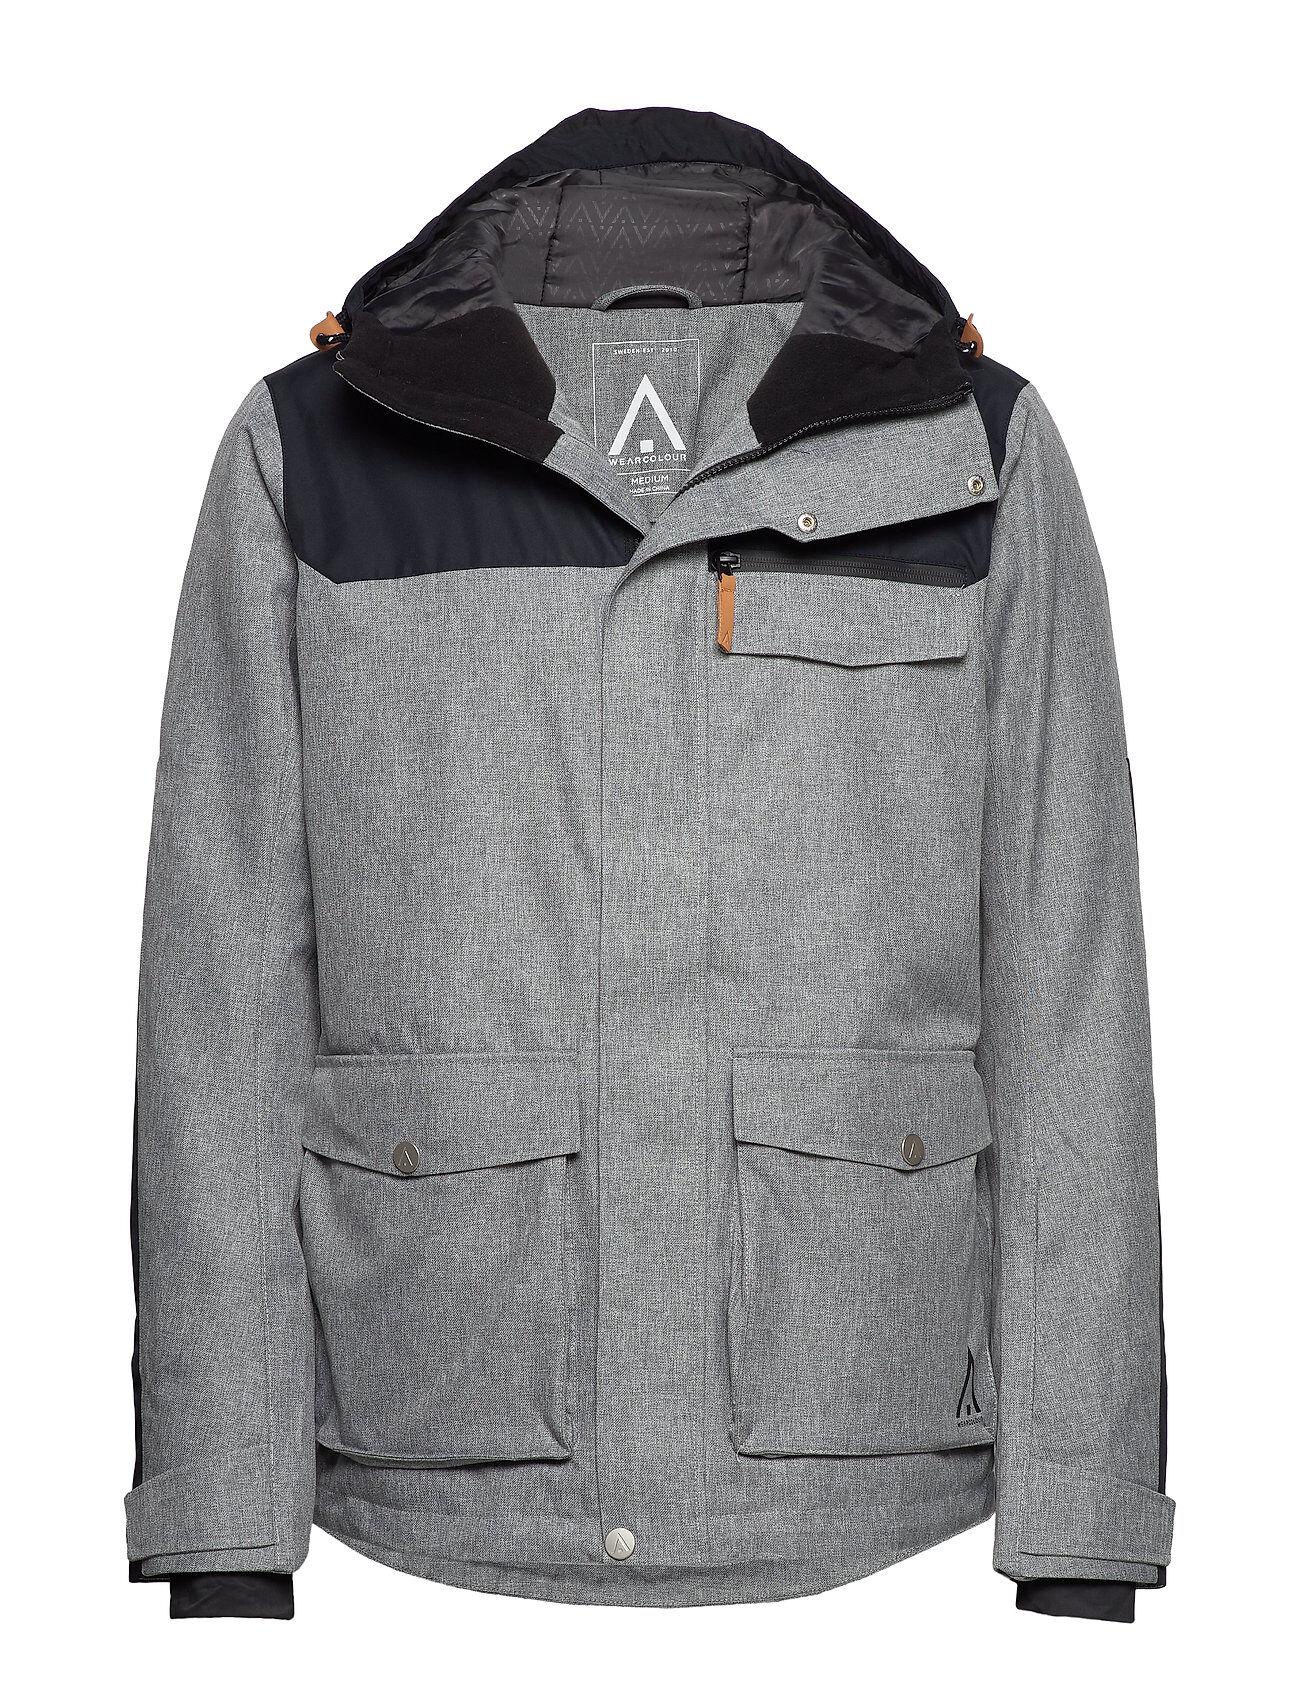 WearColour Roam Jacket Outerwear Sport Jackets Harmaa WearColour